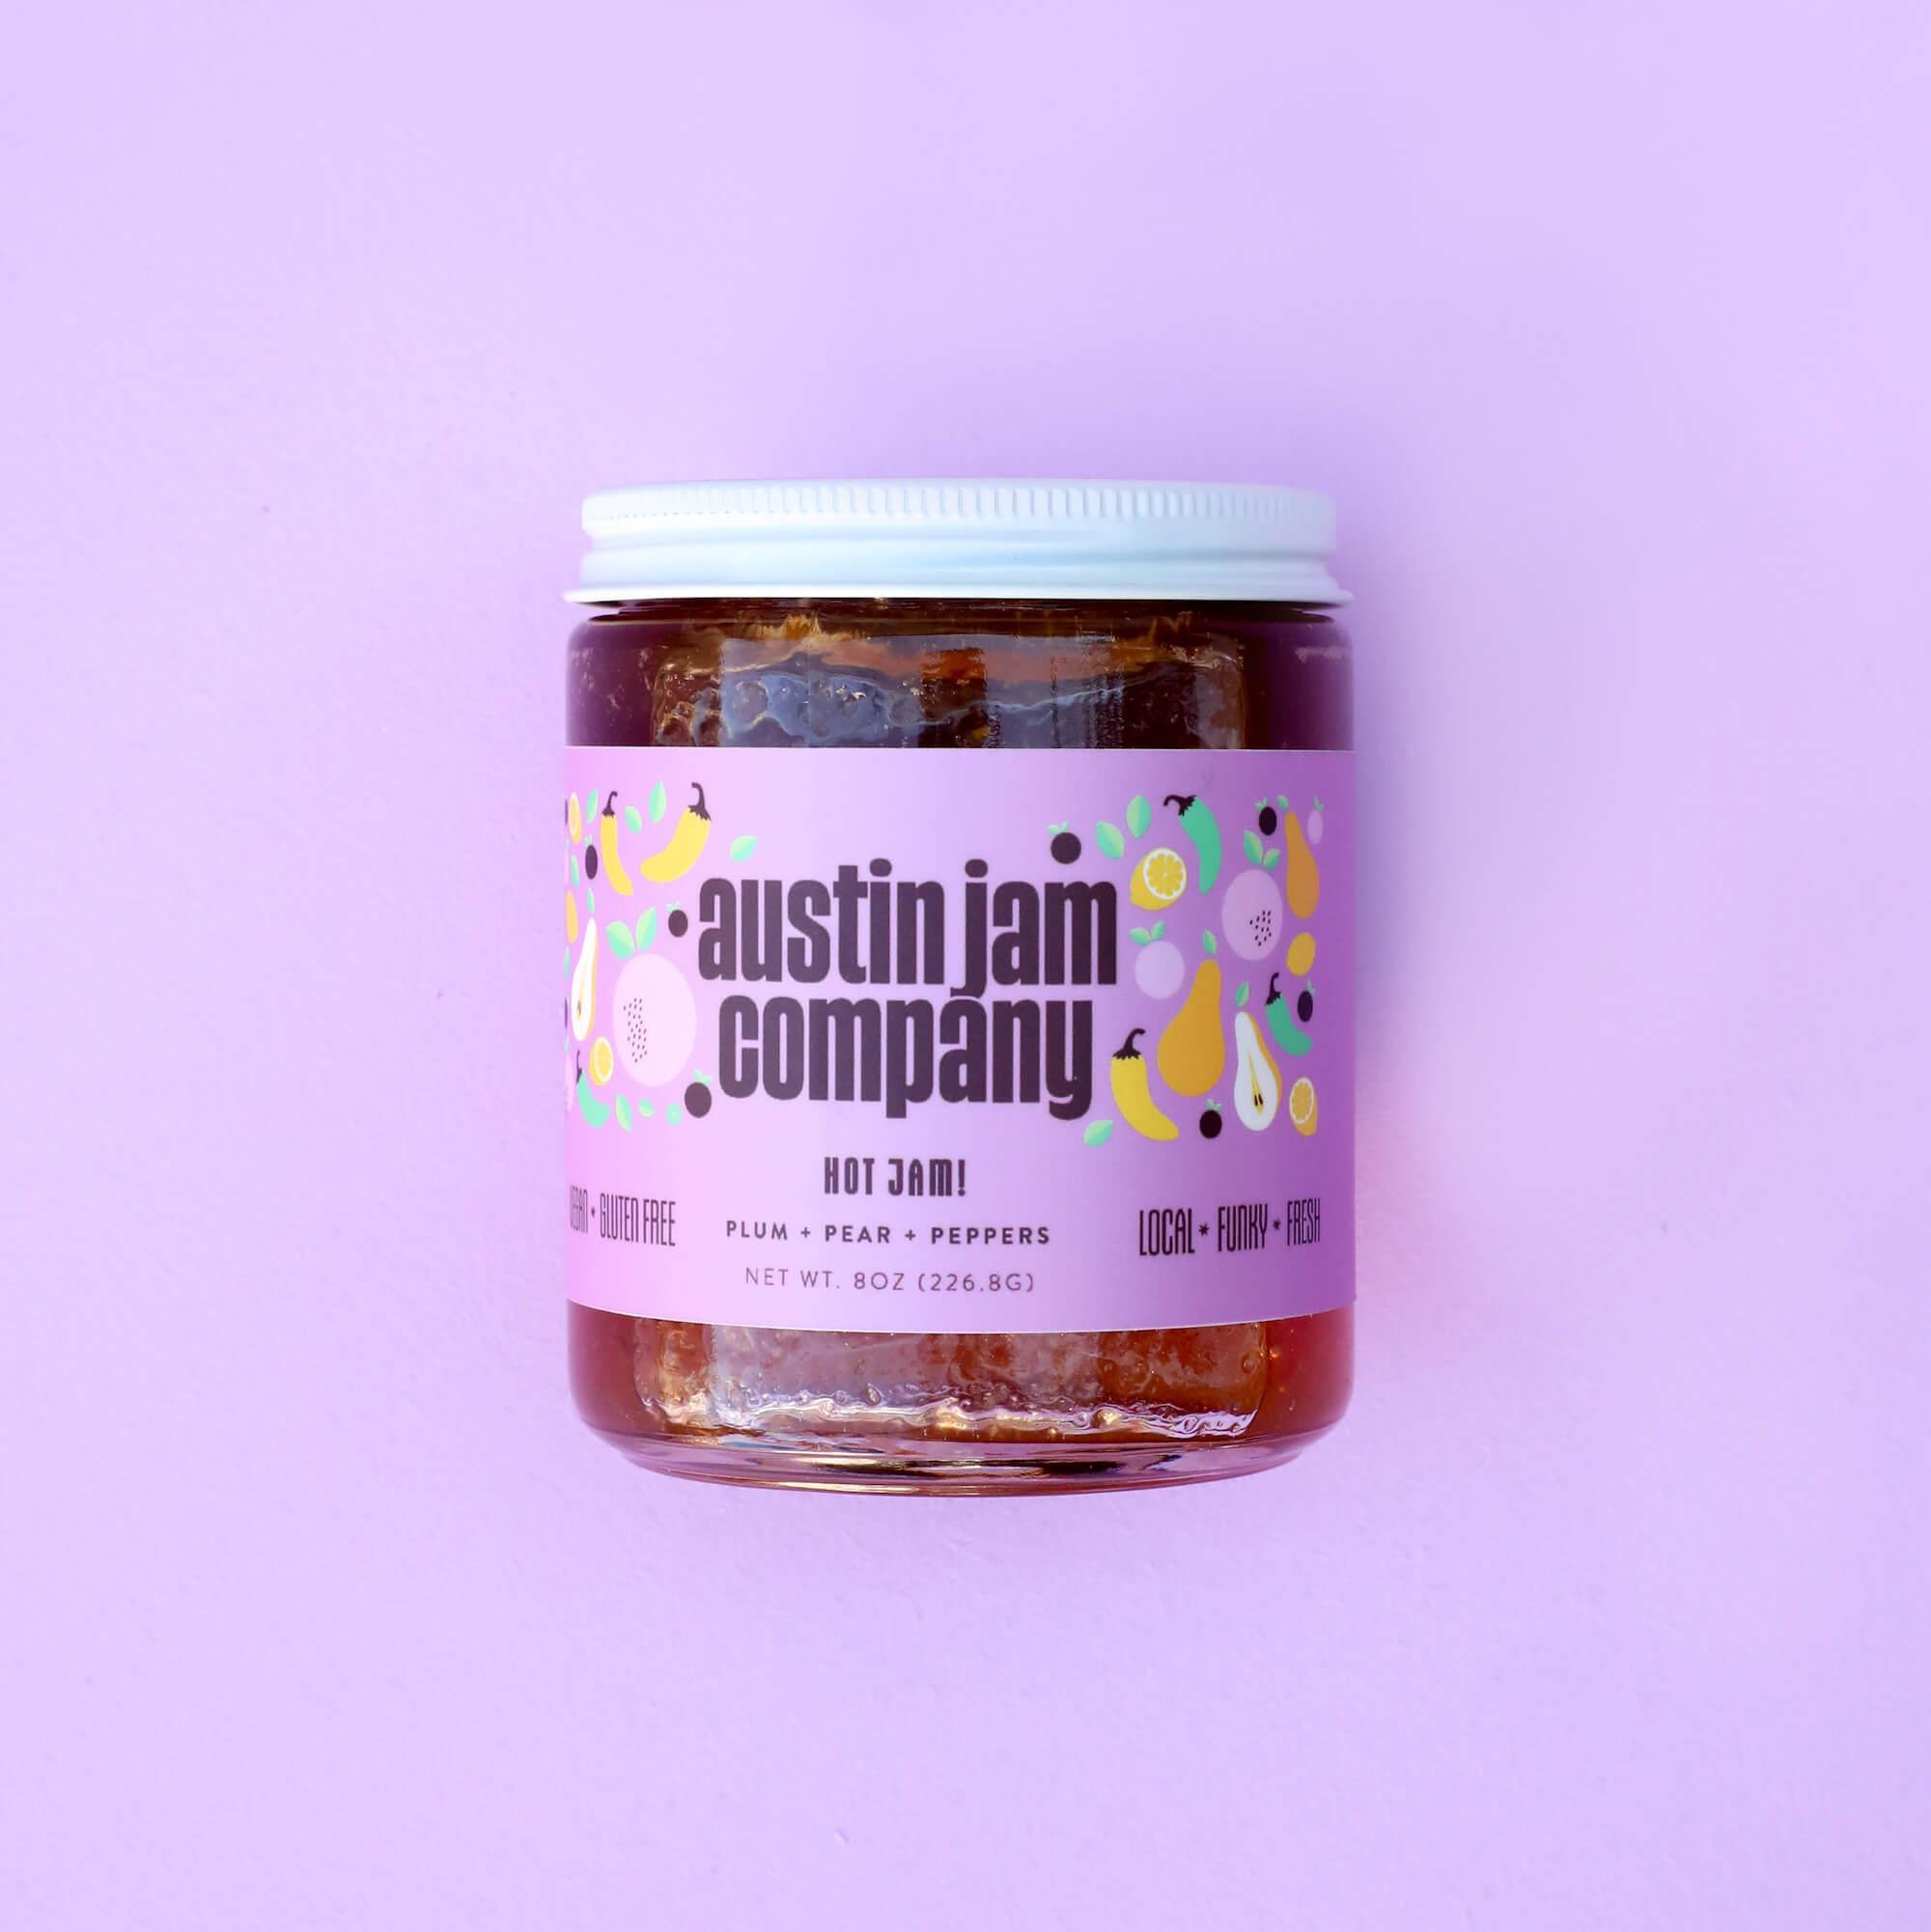 Hot Jam!